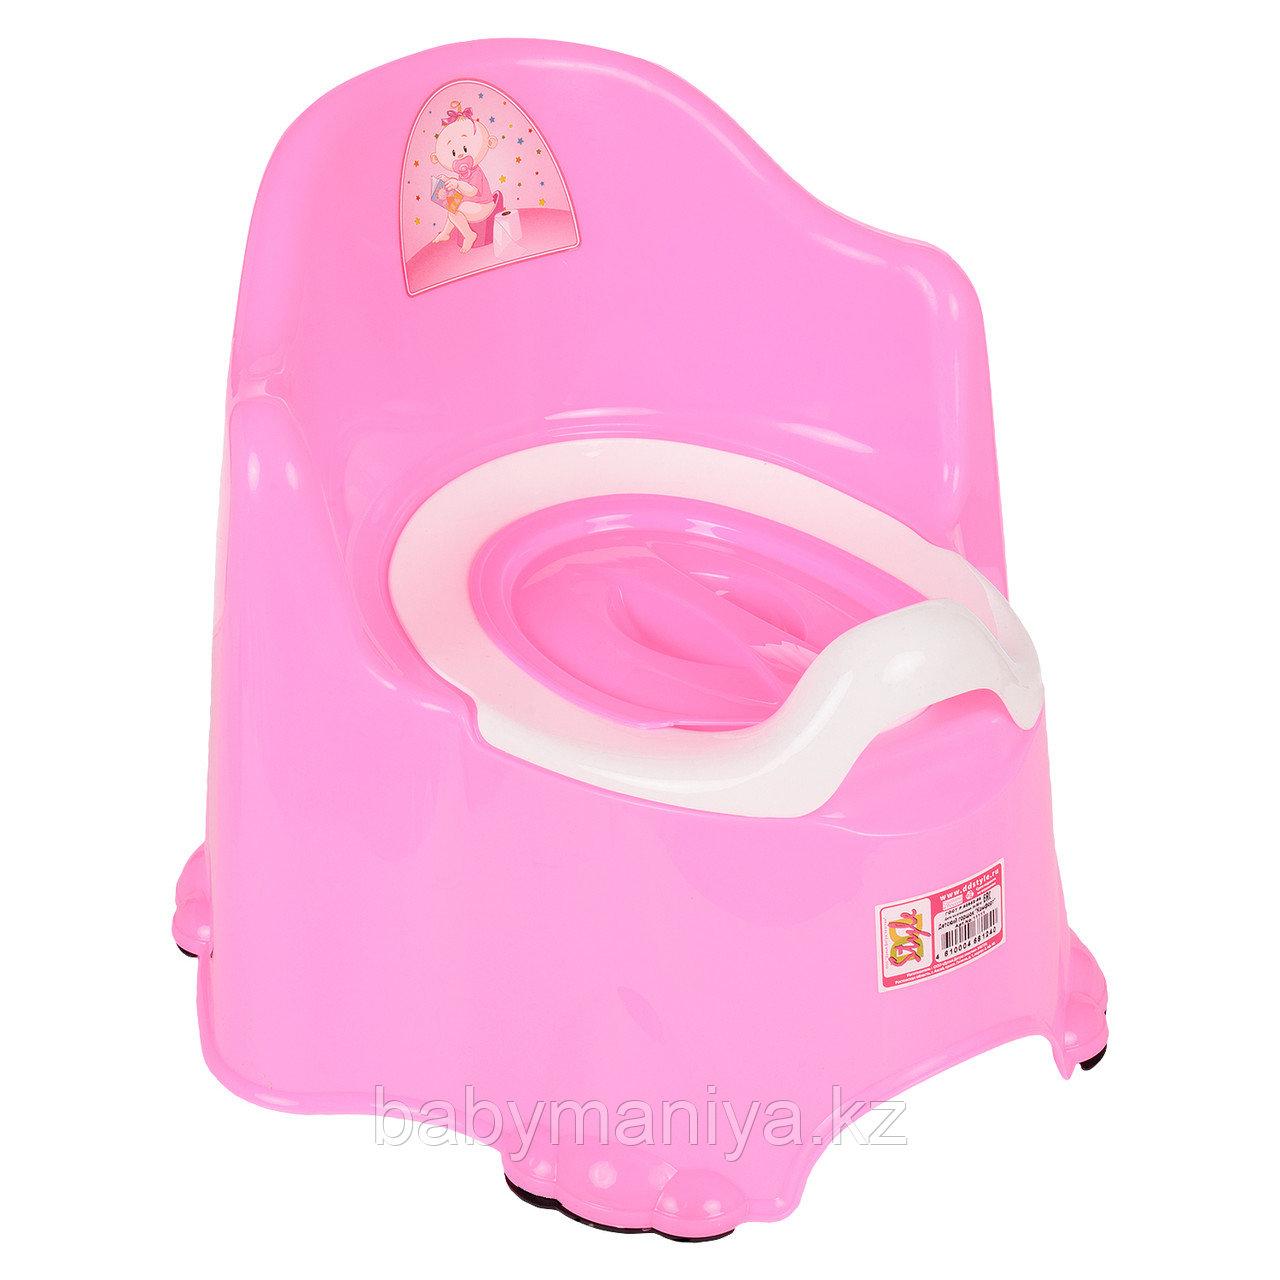 Детский горшок КОМФОРТ Dunya Plastik, розовый